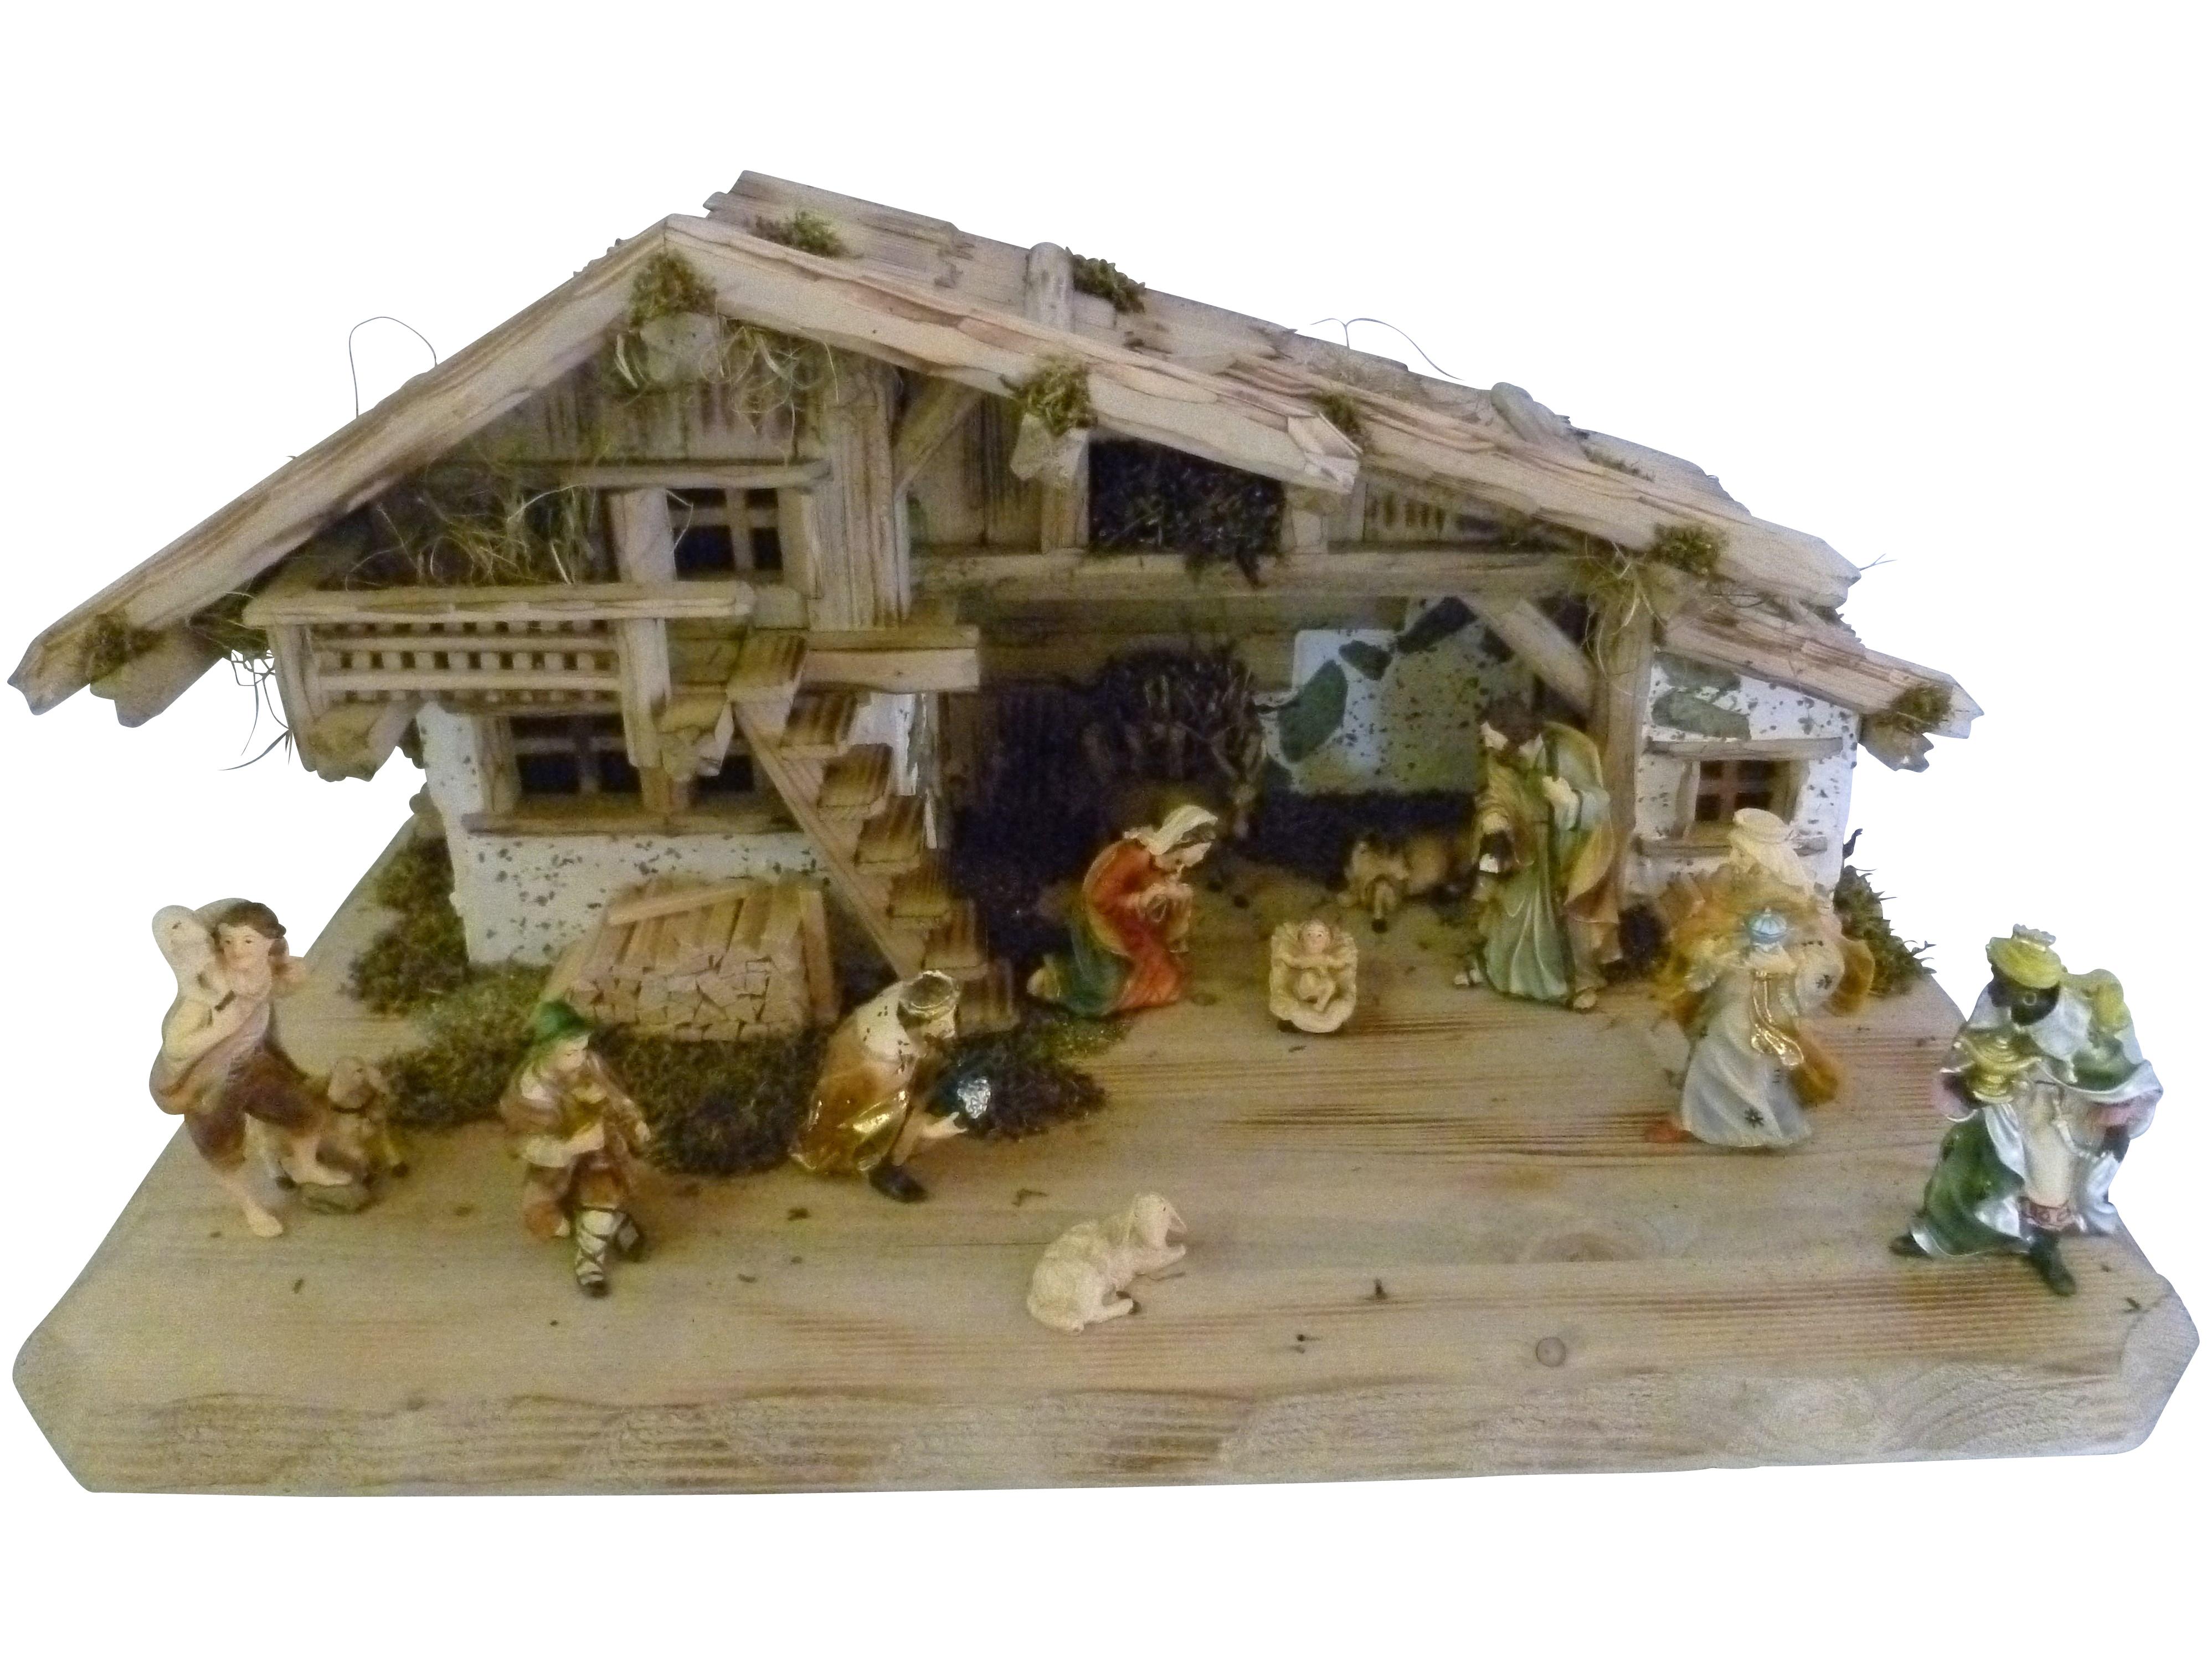 weihnachtskrippe stall mittenwald aus holz handgefertigt in deutschland dekoriert mit. Black Bedroom Furniture Sets. Home Design Ideas